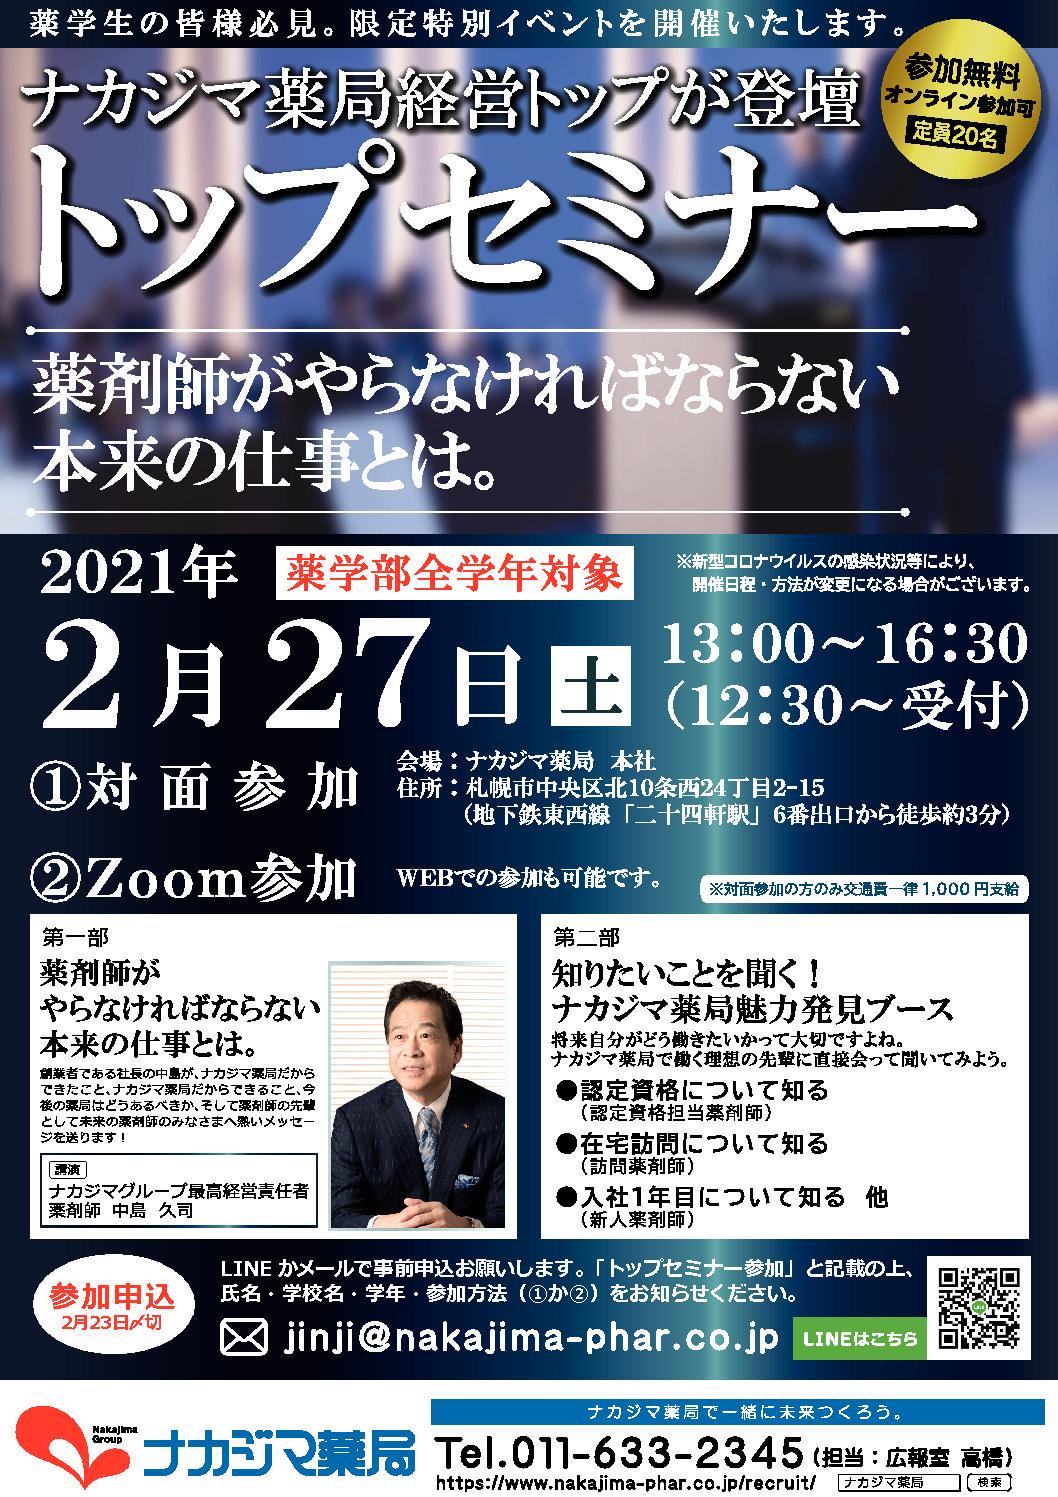 2月27日(土)薬学生限定特別イベント『トップセミナー』を開催します!